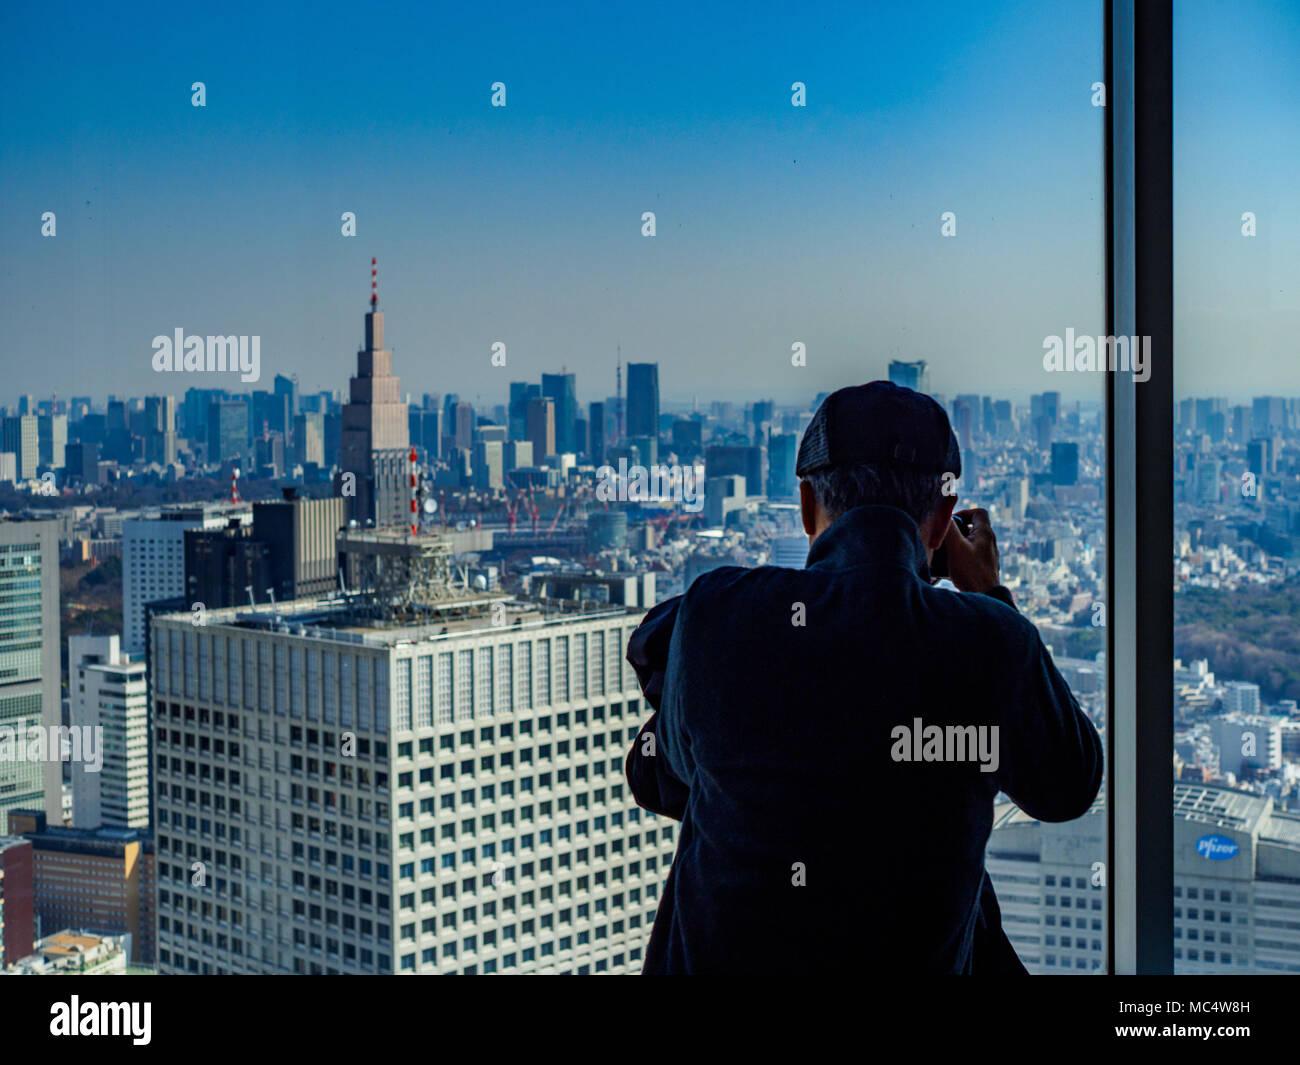 Tokyo Japon Tourisme Tourisme - un touriste prend une photo de la galerie affichage de la Tokyo Metropolitan Government Towers de Tokyo Japon Photo Stock